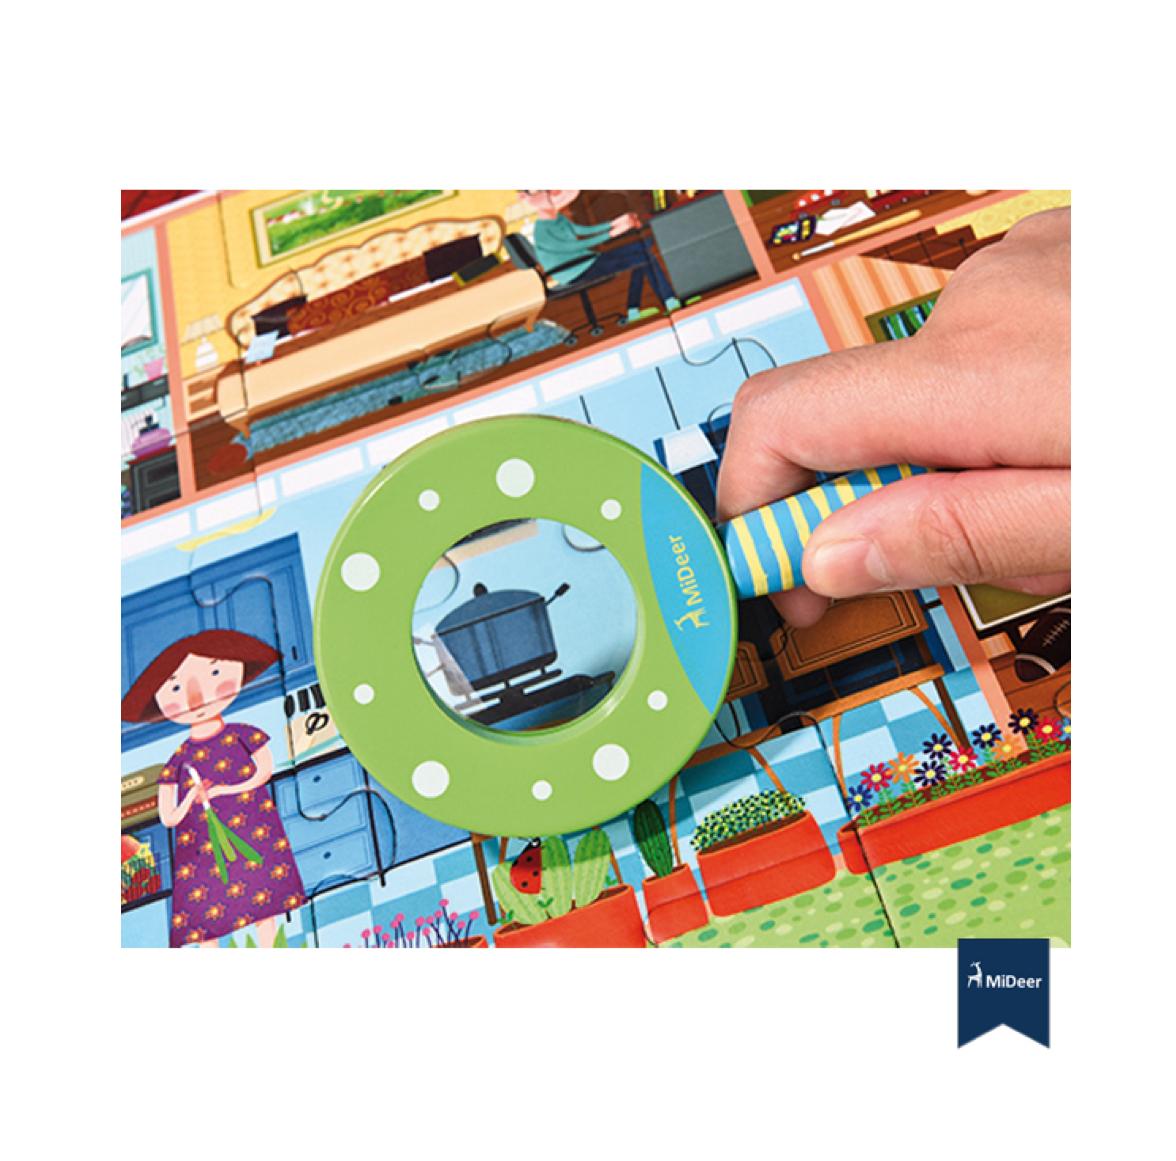 puzzle-detective-in-room-de-mideer-en-el-mundo-de-mico-4